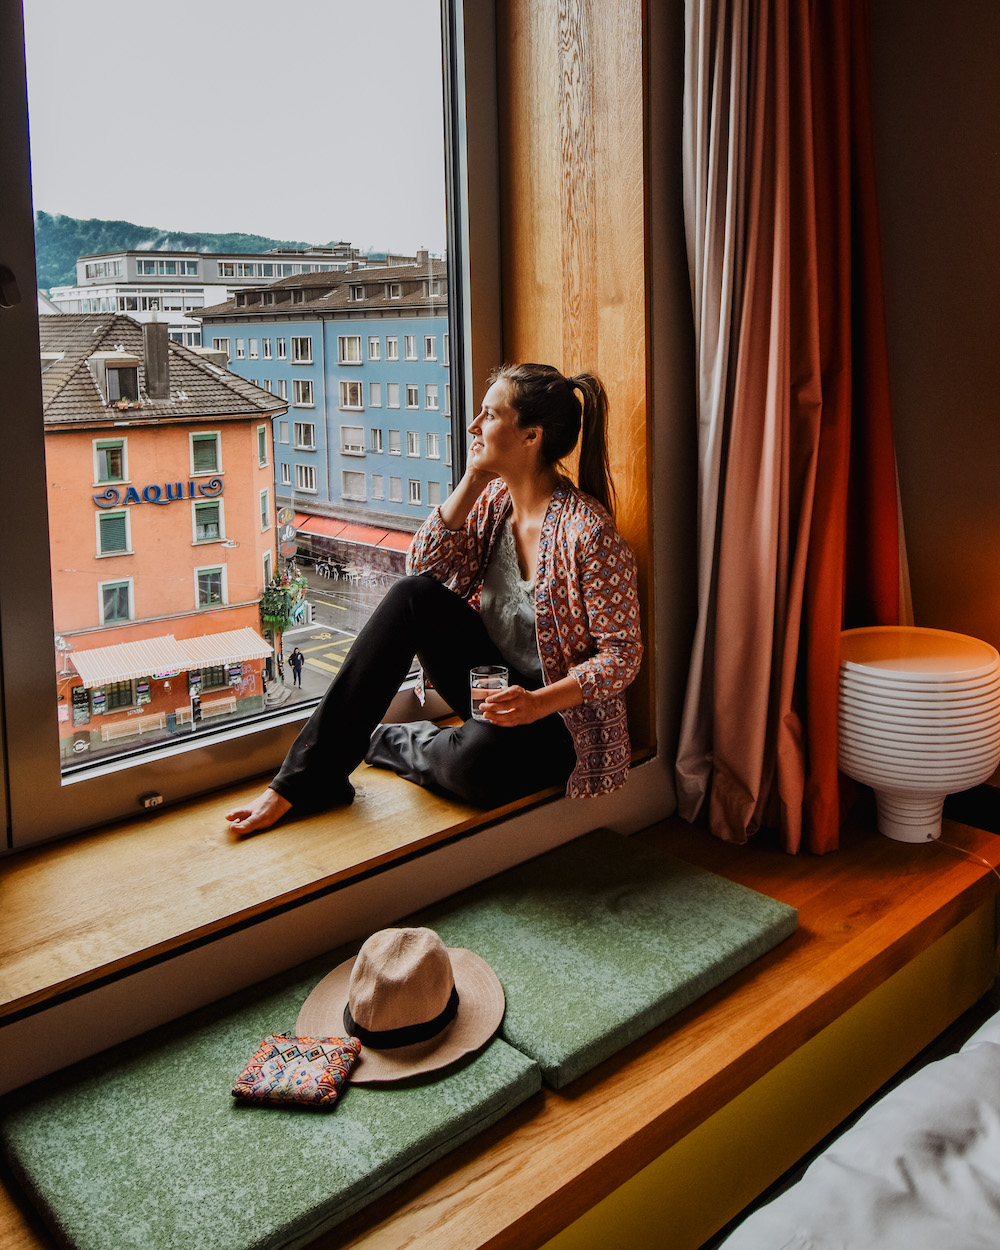 naar zwitserland met de trein Zurich 25 hours hotel